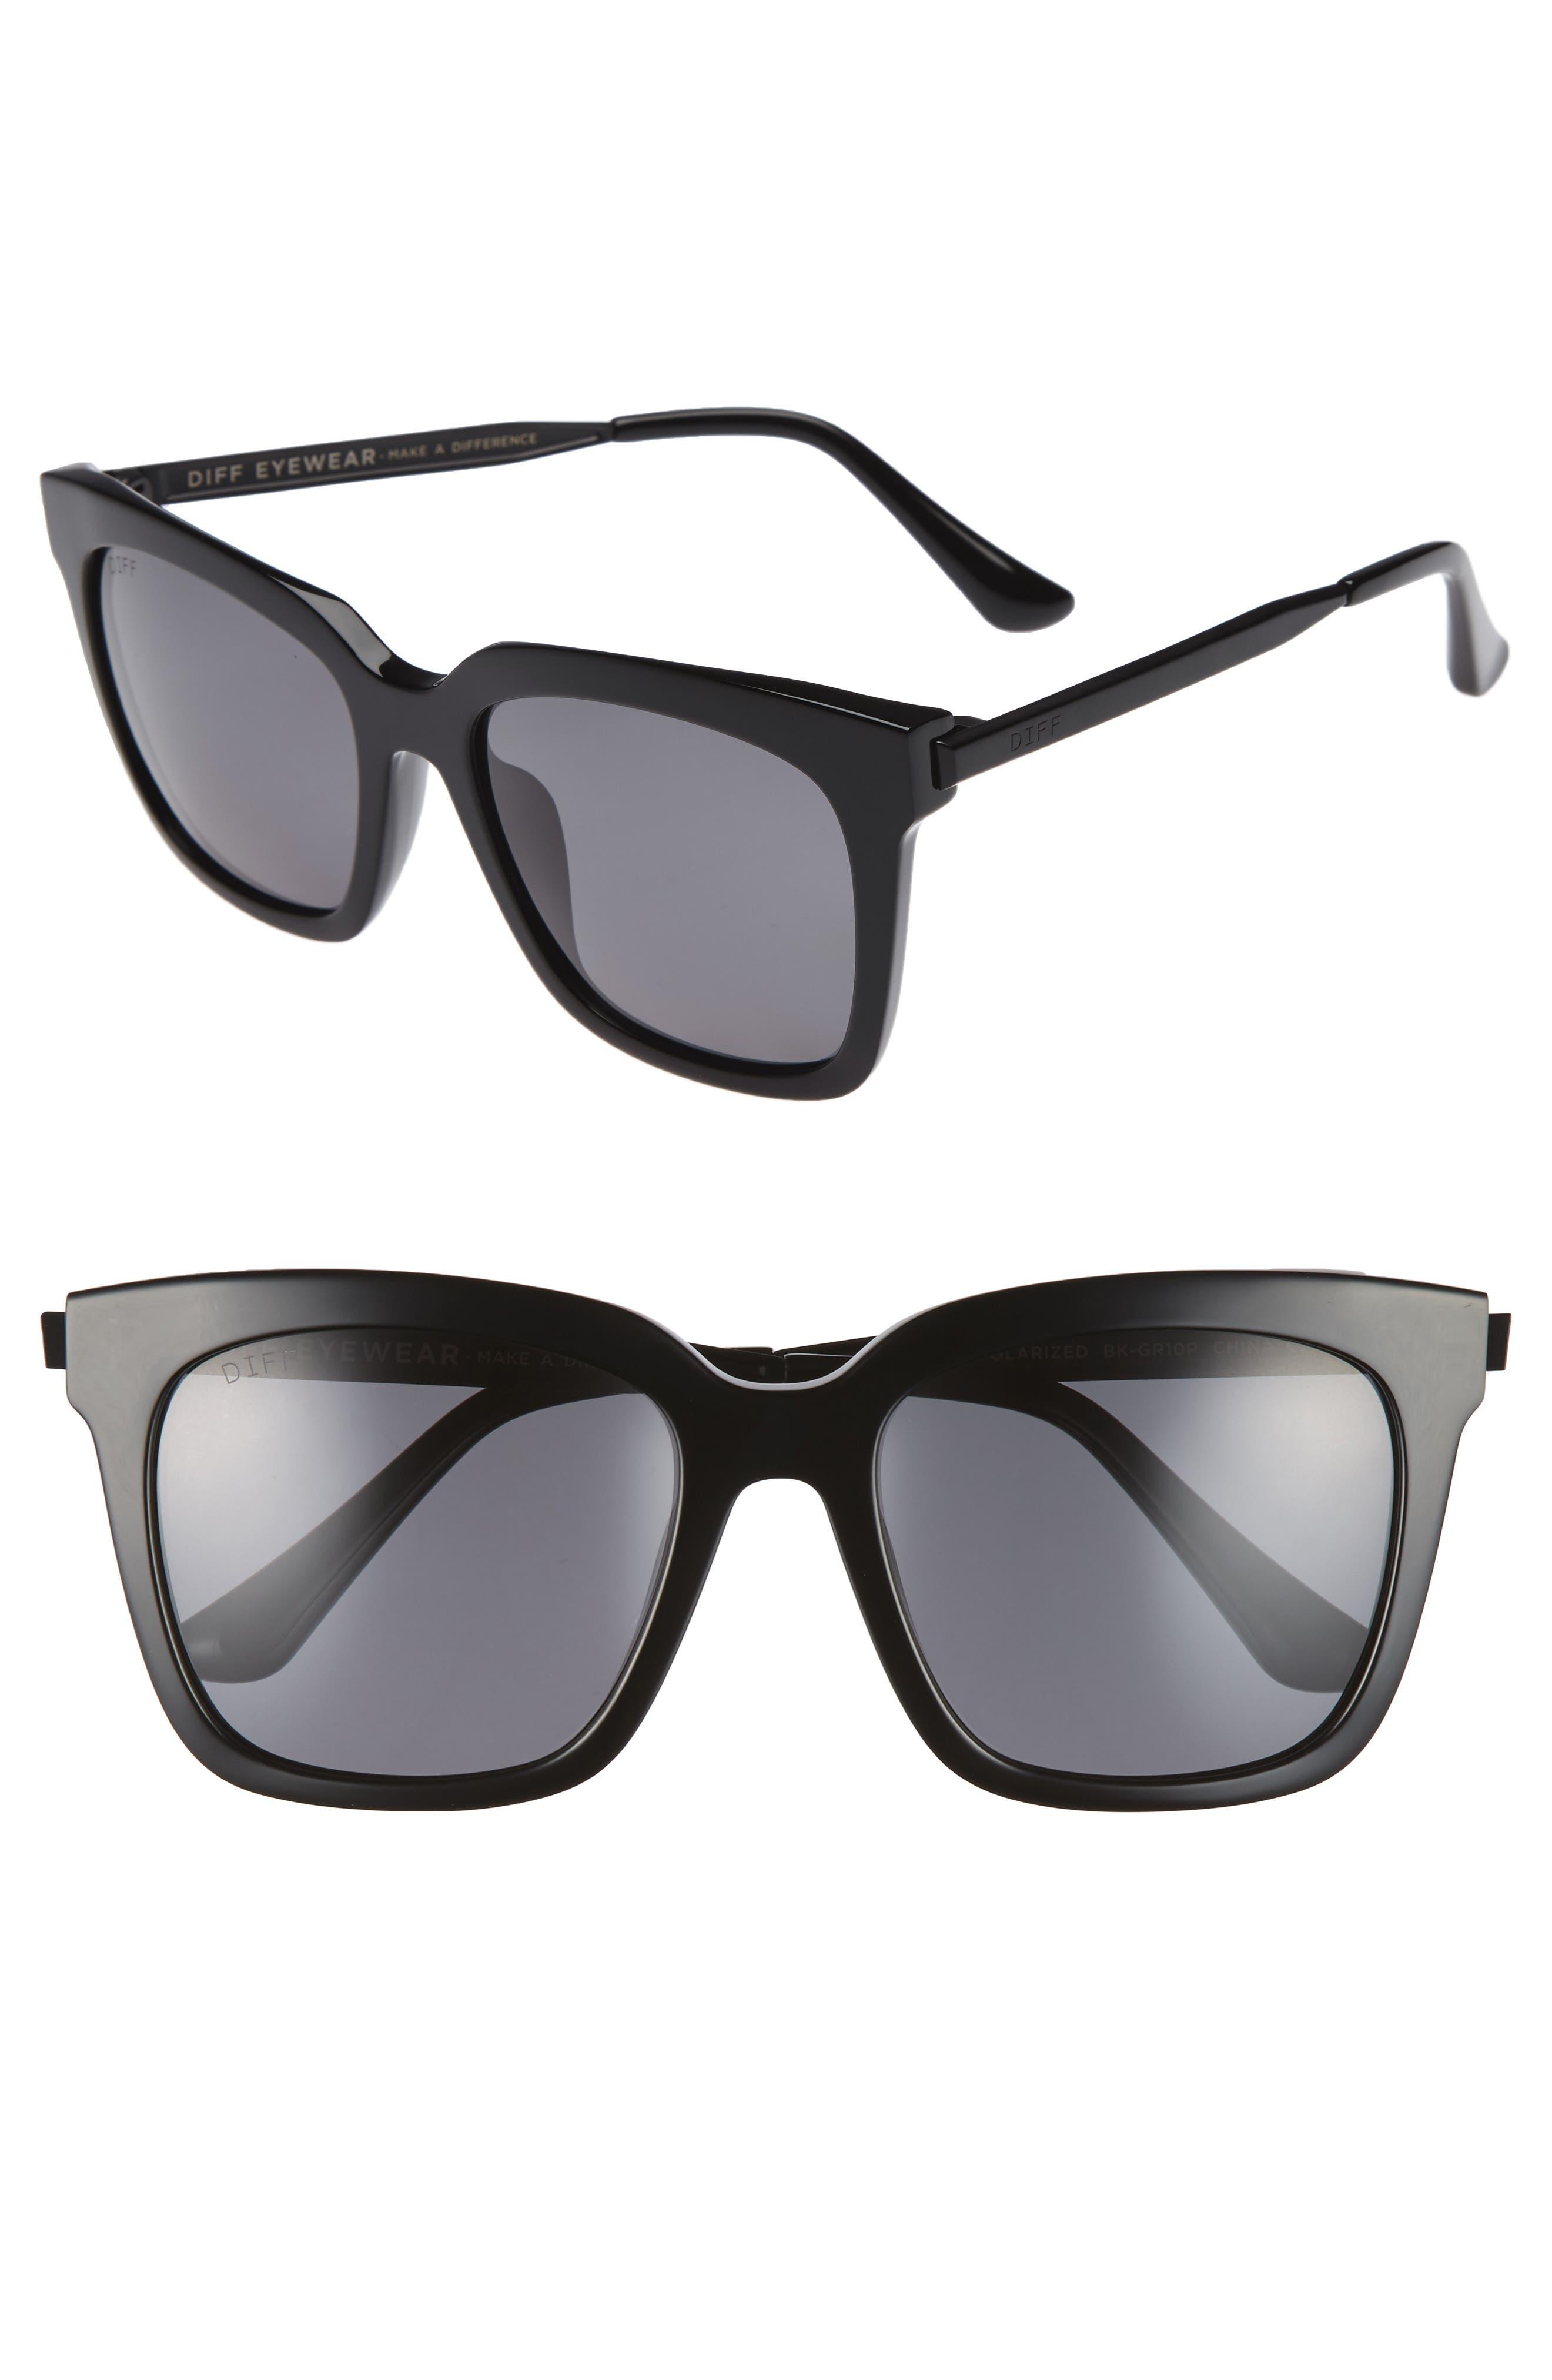 DIFF Bella 53mm Polarized Sunglasses